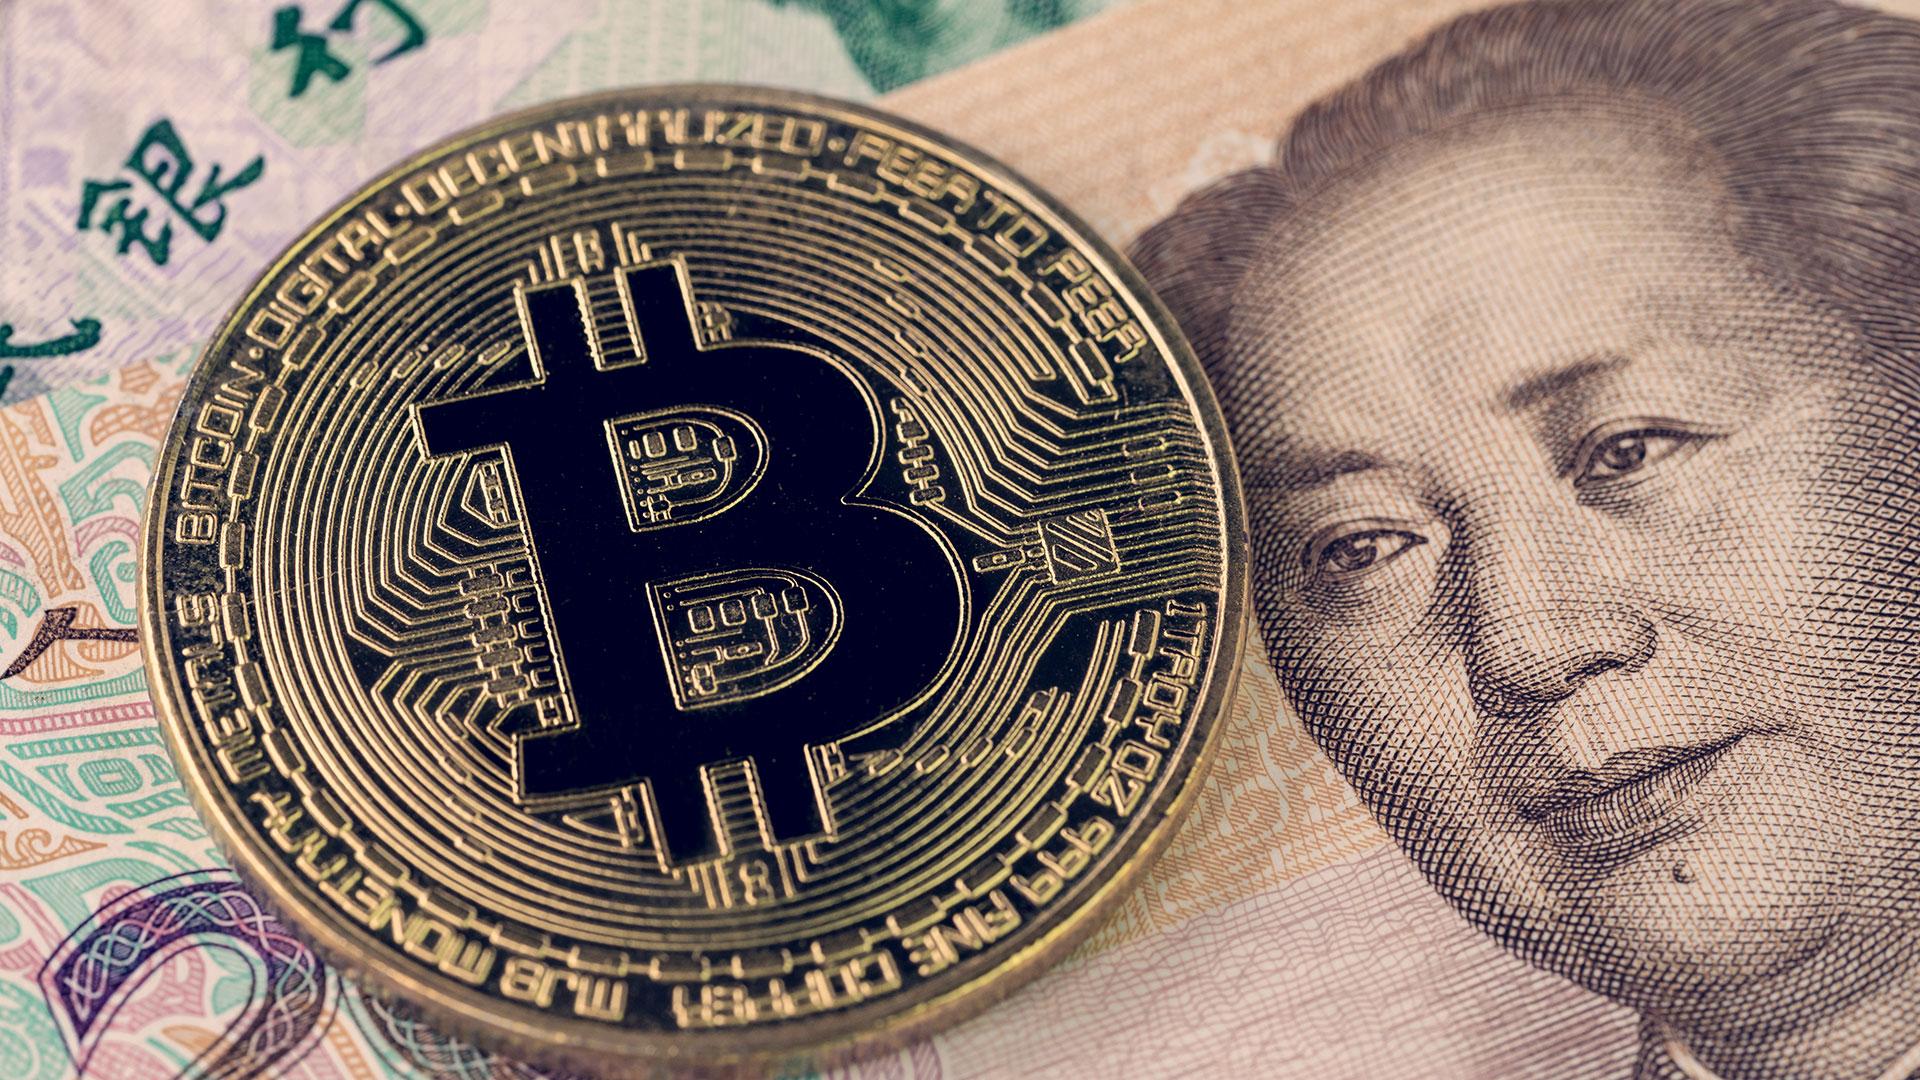 Las regulaciones a los criptoactivos impuestas por el gobierno chino desmotivó la compra de bitcoin mediante la moneda local (Getty Images)